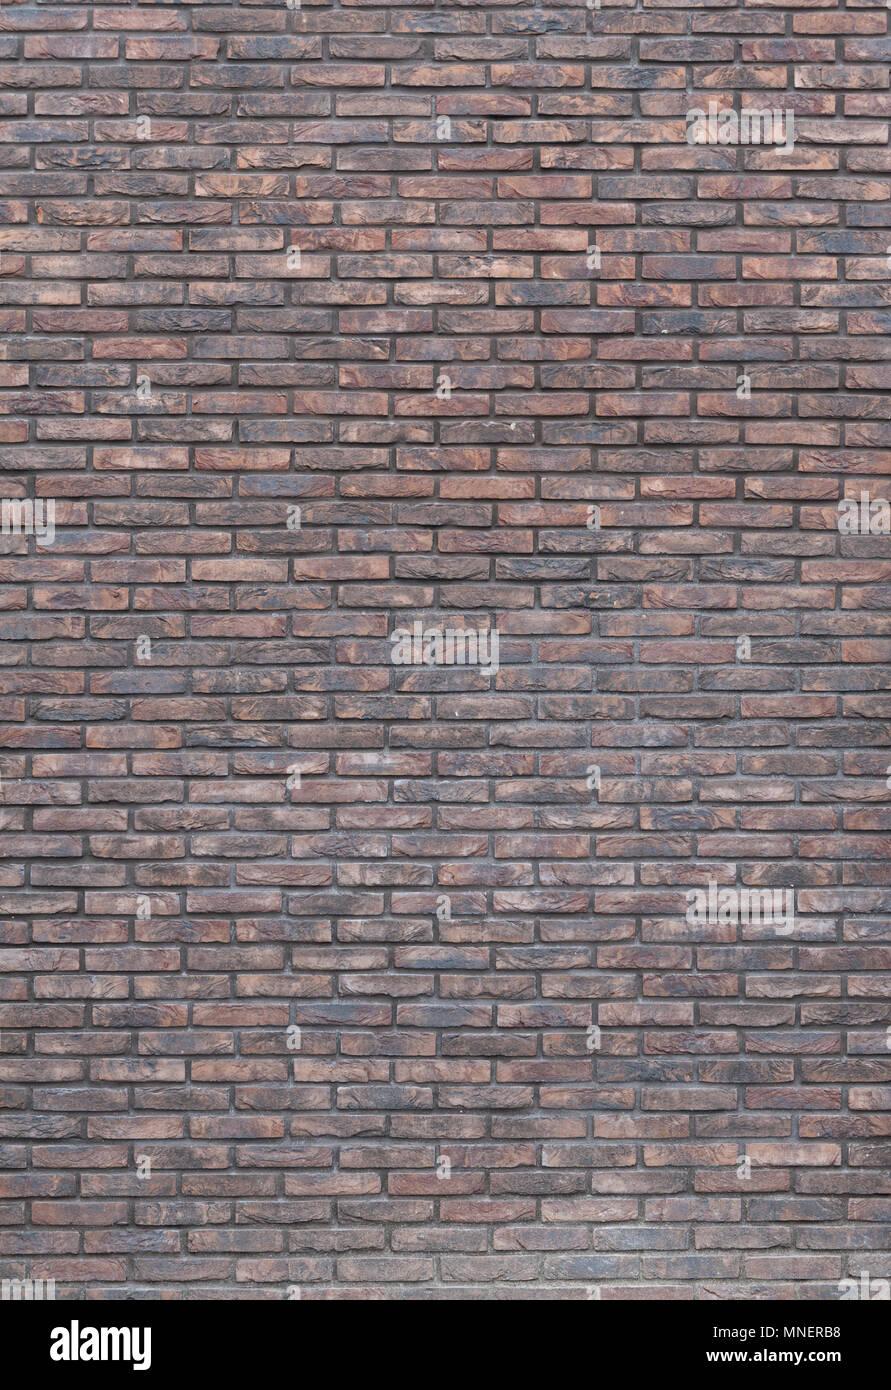 Vertical Dark Red Brick Wall Background Wallpaper Bricks Pattern Texture